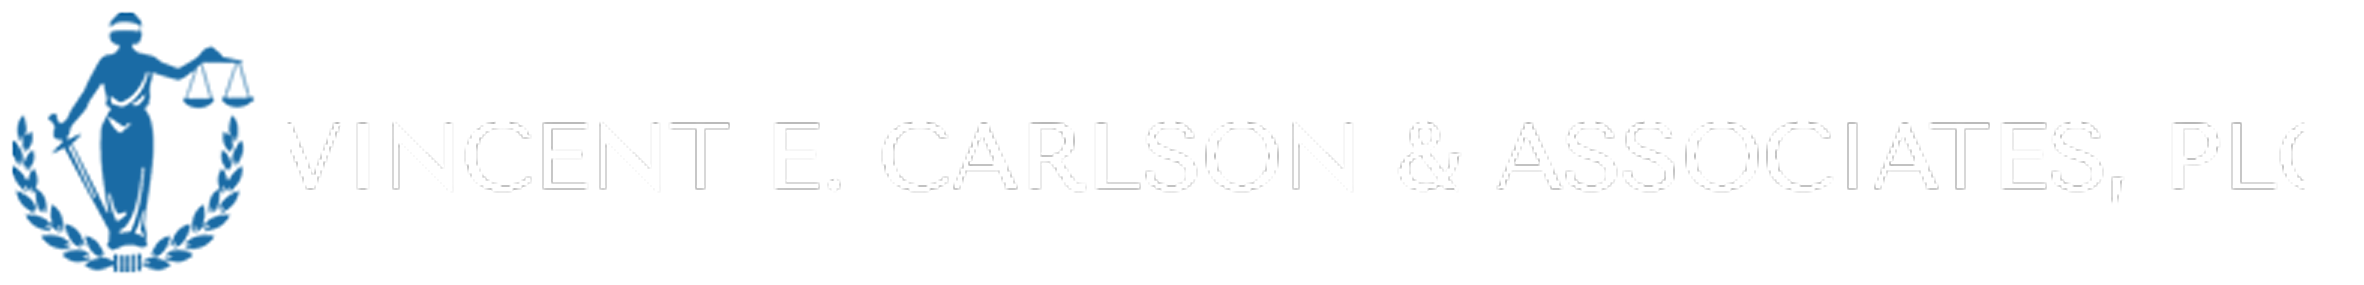 Vincent E. Carlson & Associates, PLC